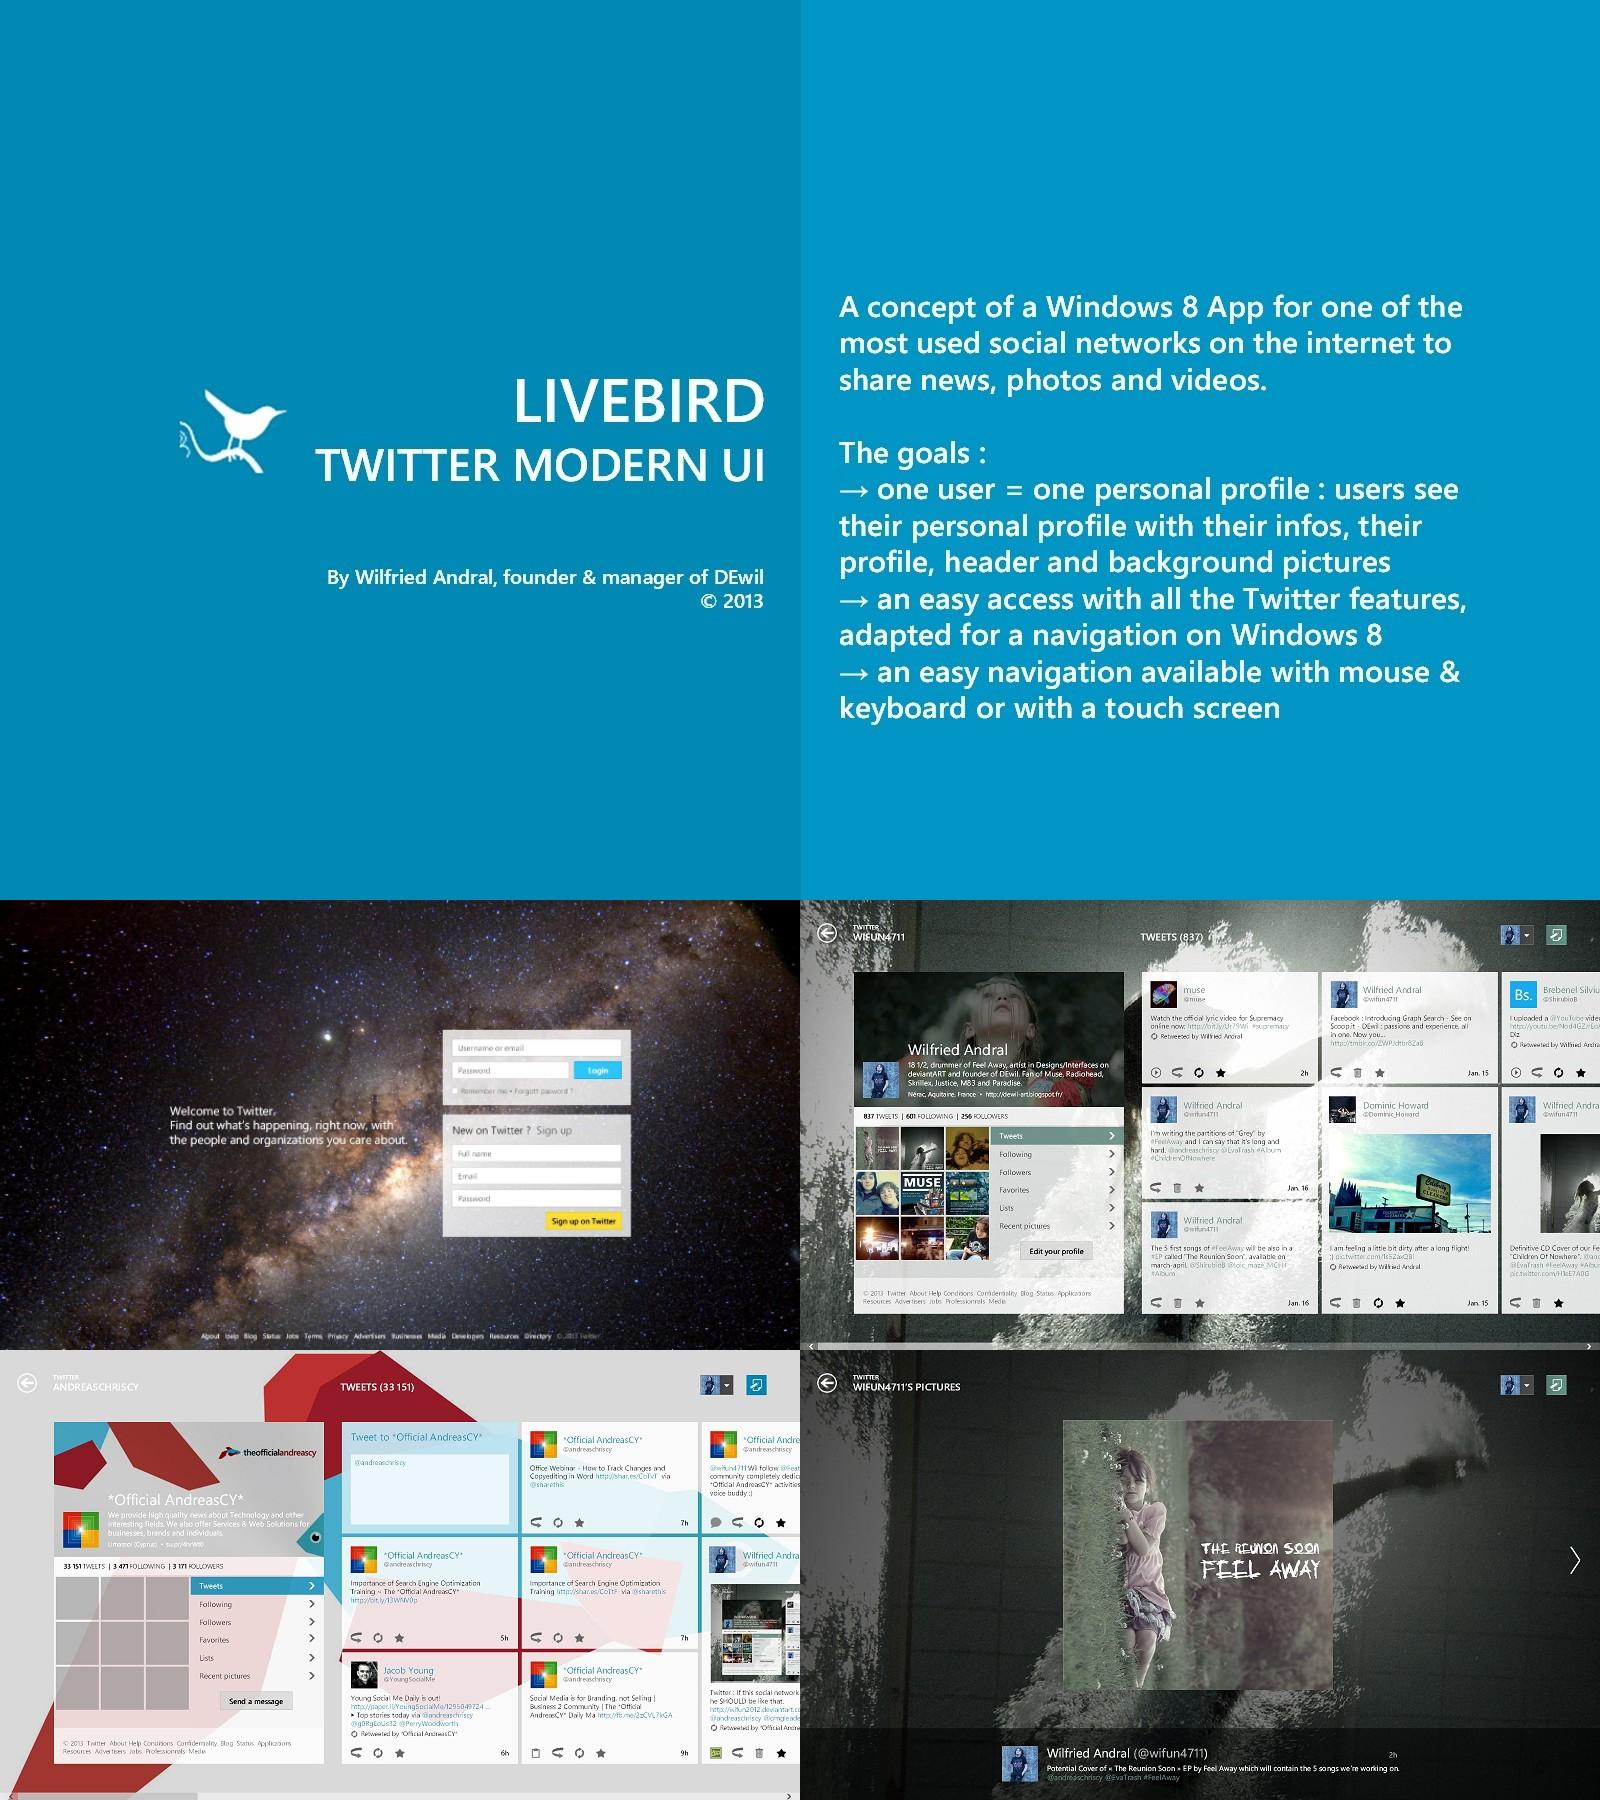 LiveBird - Twitter Modern UI Concept by wifun2012